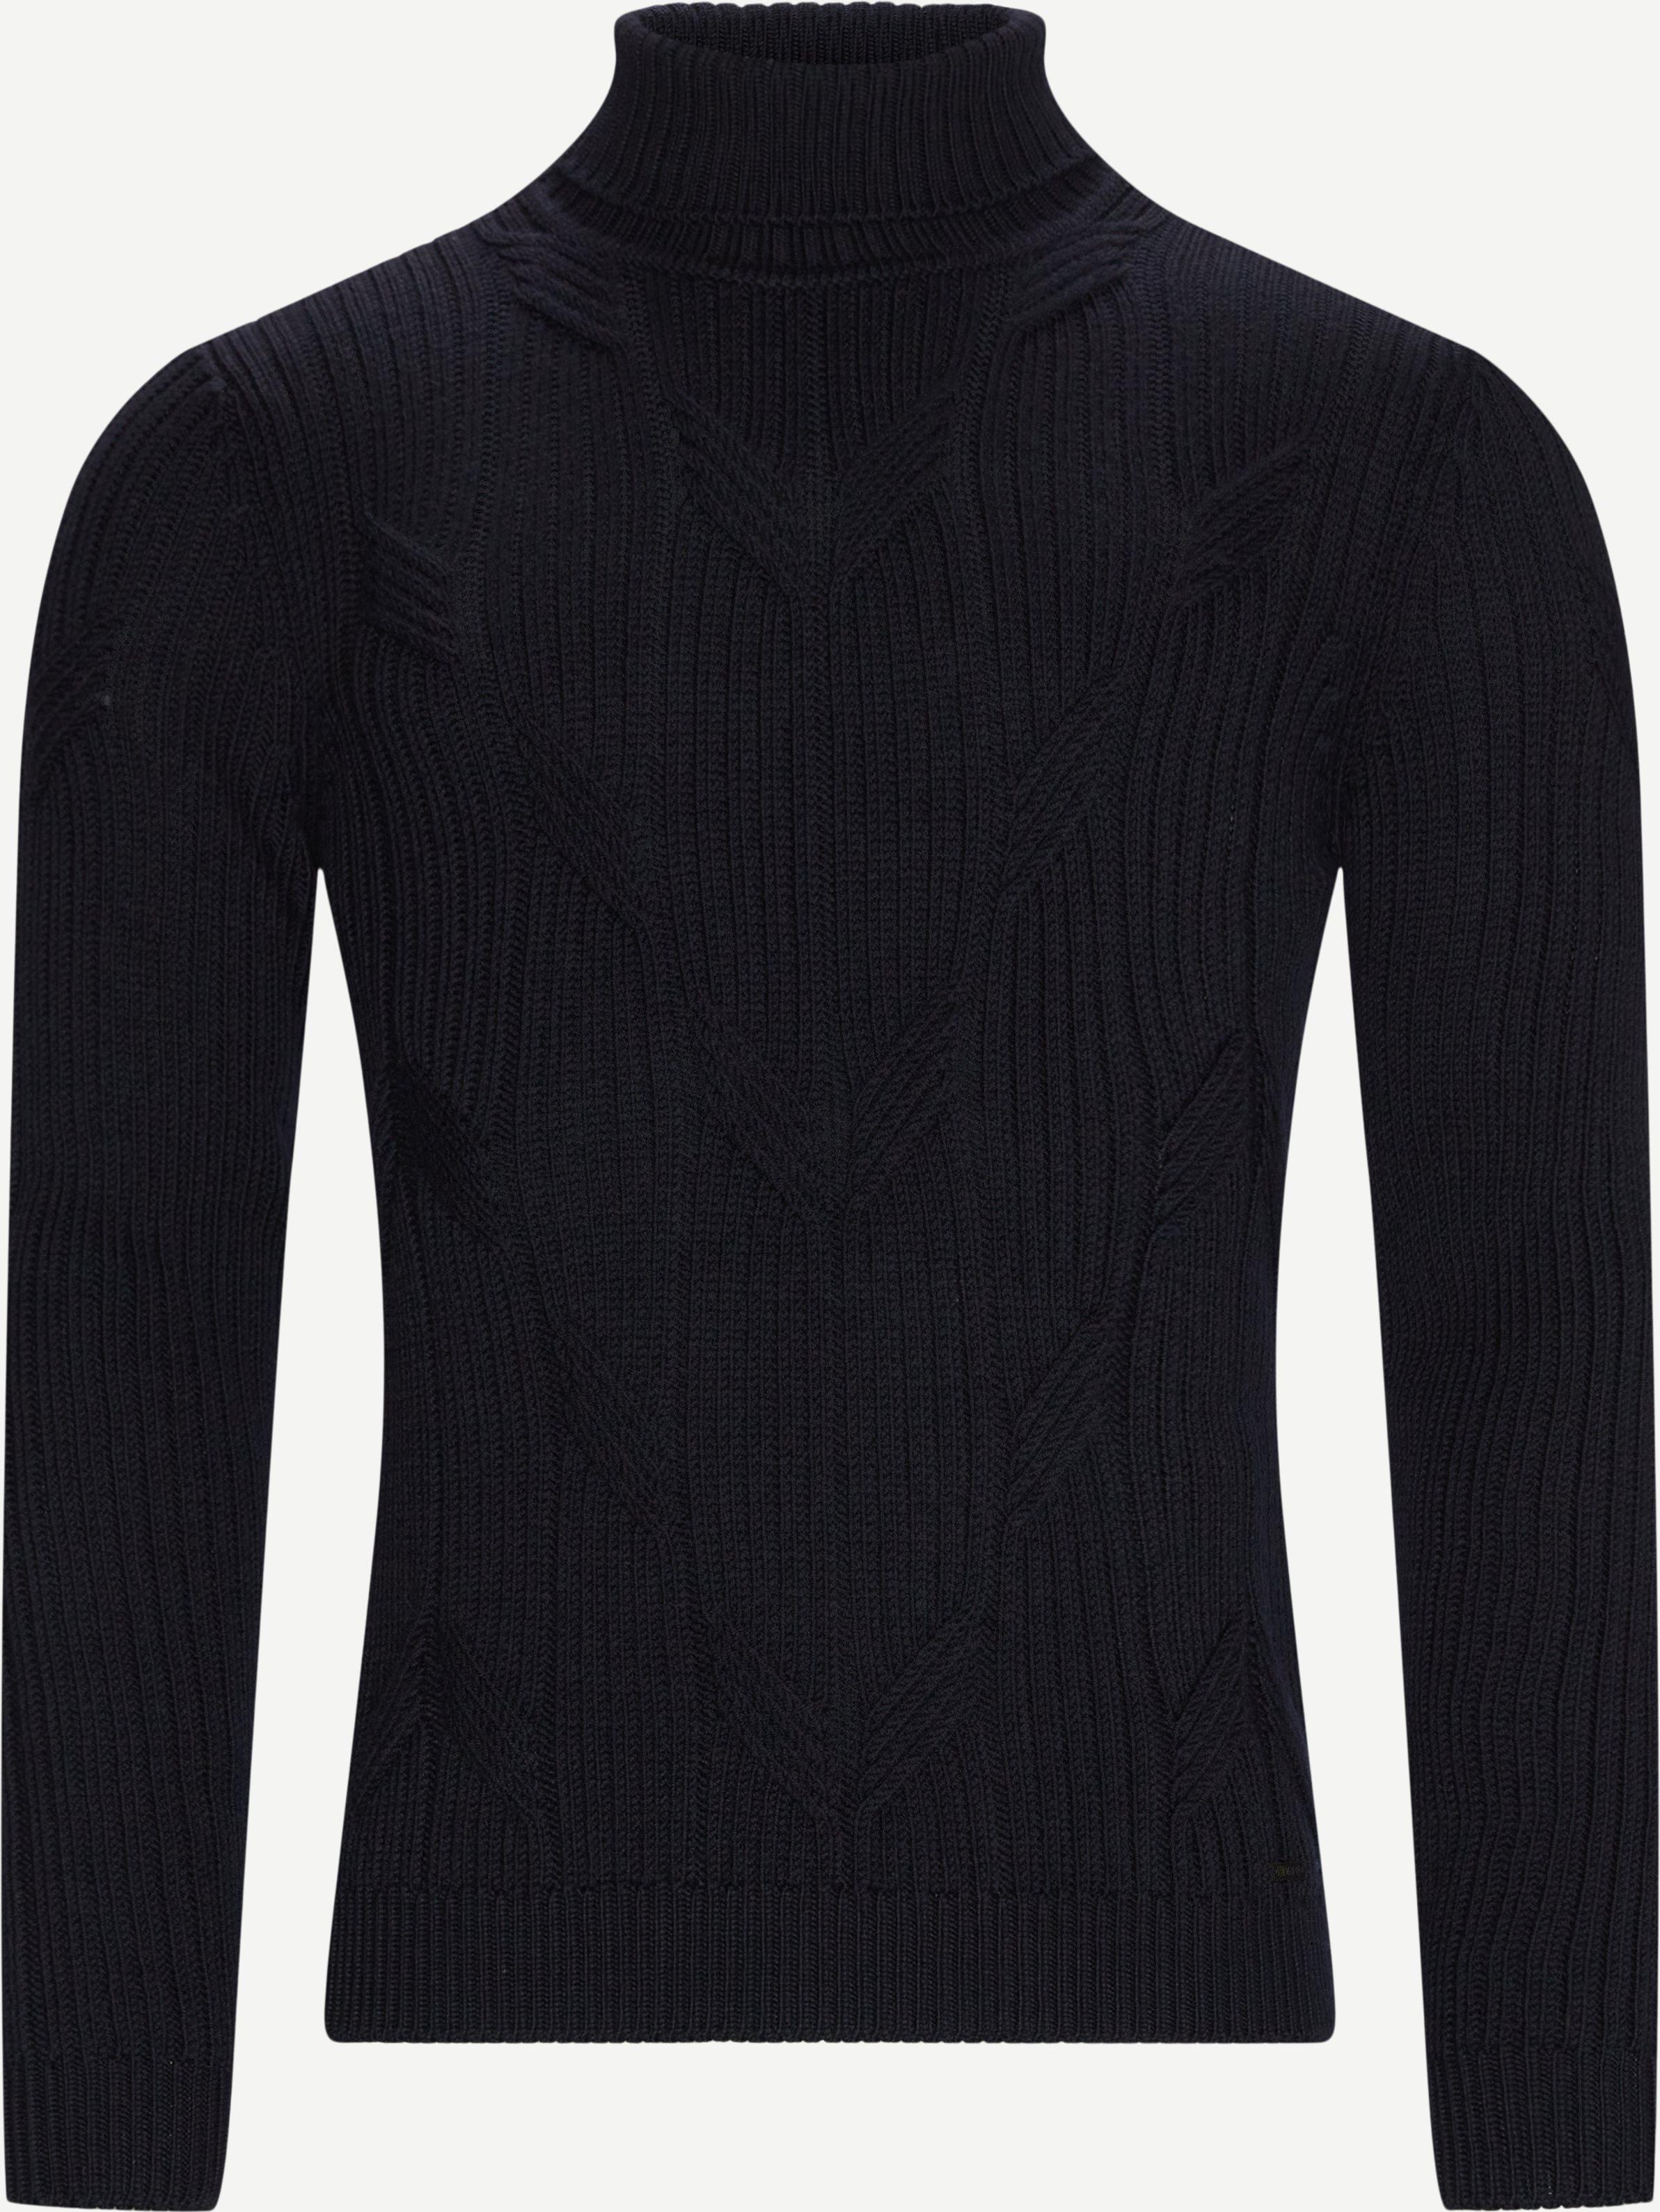 Knitwear - Slim fit - Blue